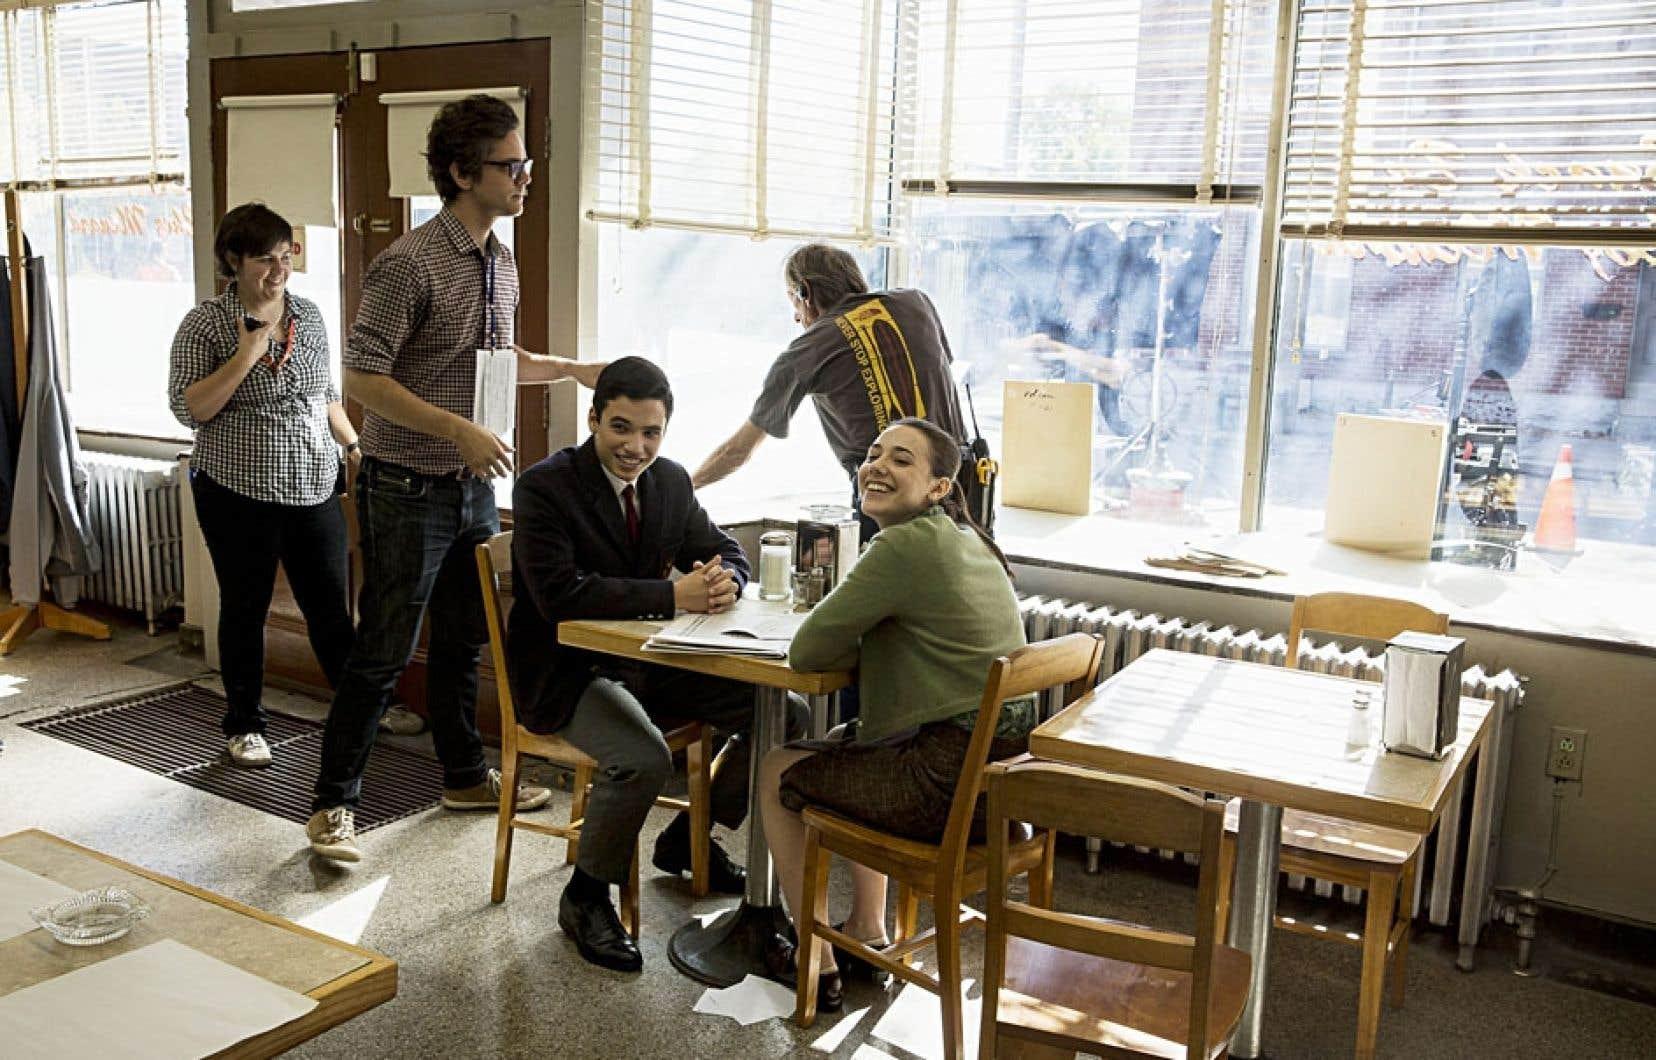 Le cinéaste Mathieu Denis (debout à gauche) filme ces jours-ci à Montréal les derniers moments de la courte existence de Jean Corbo, décédé en 1966.